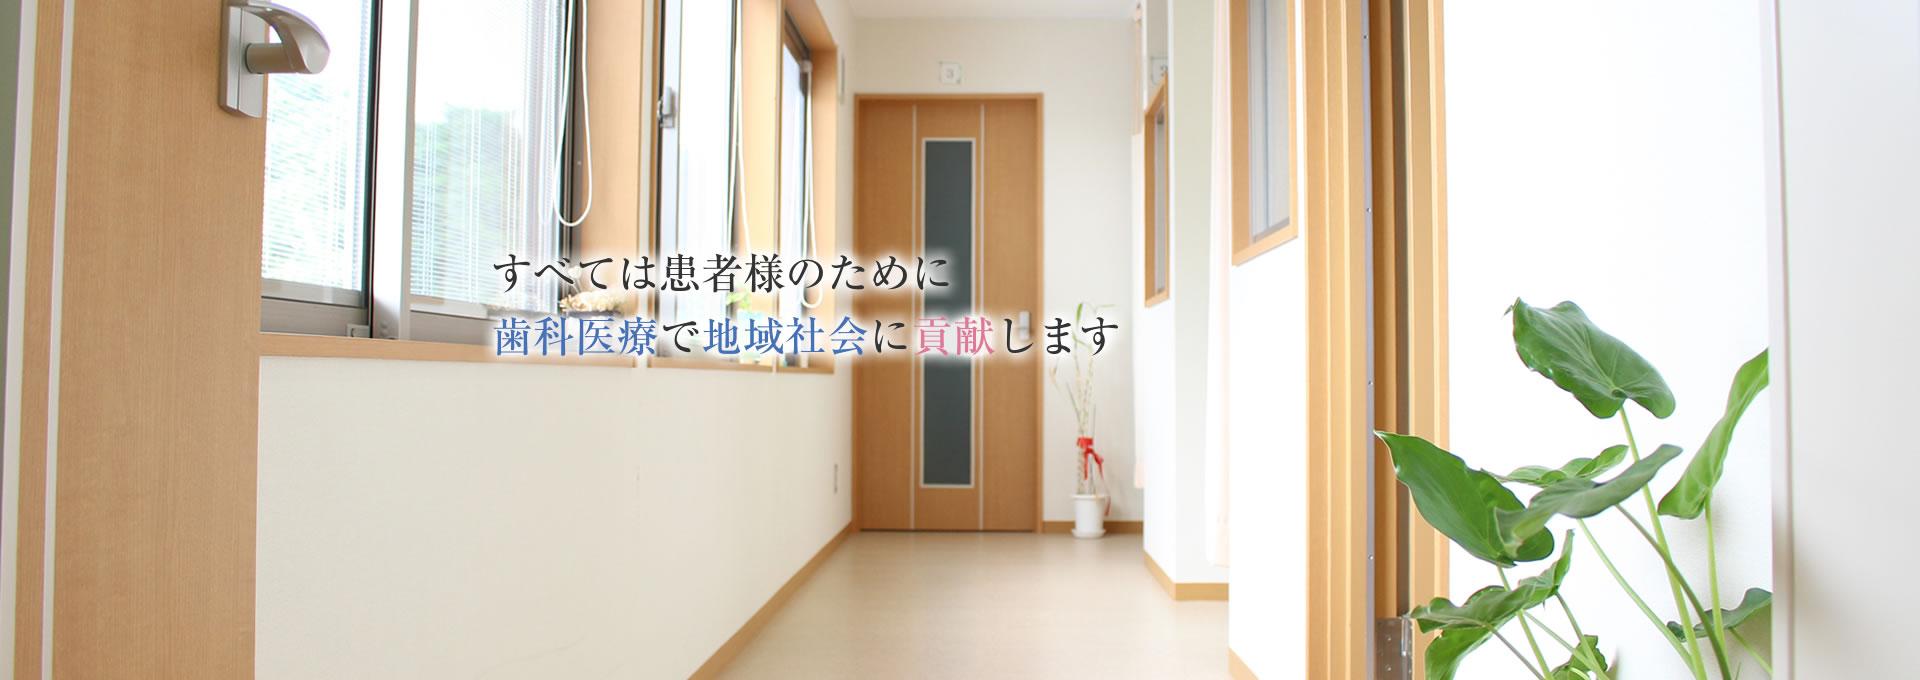 富樫歯科医院